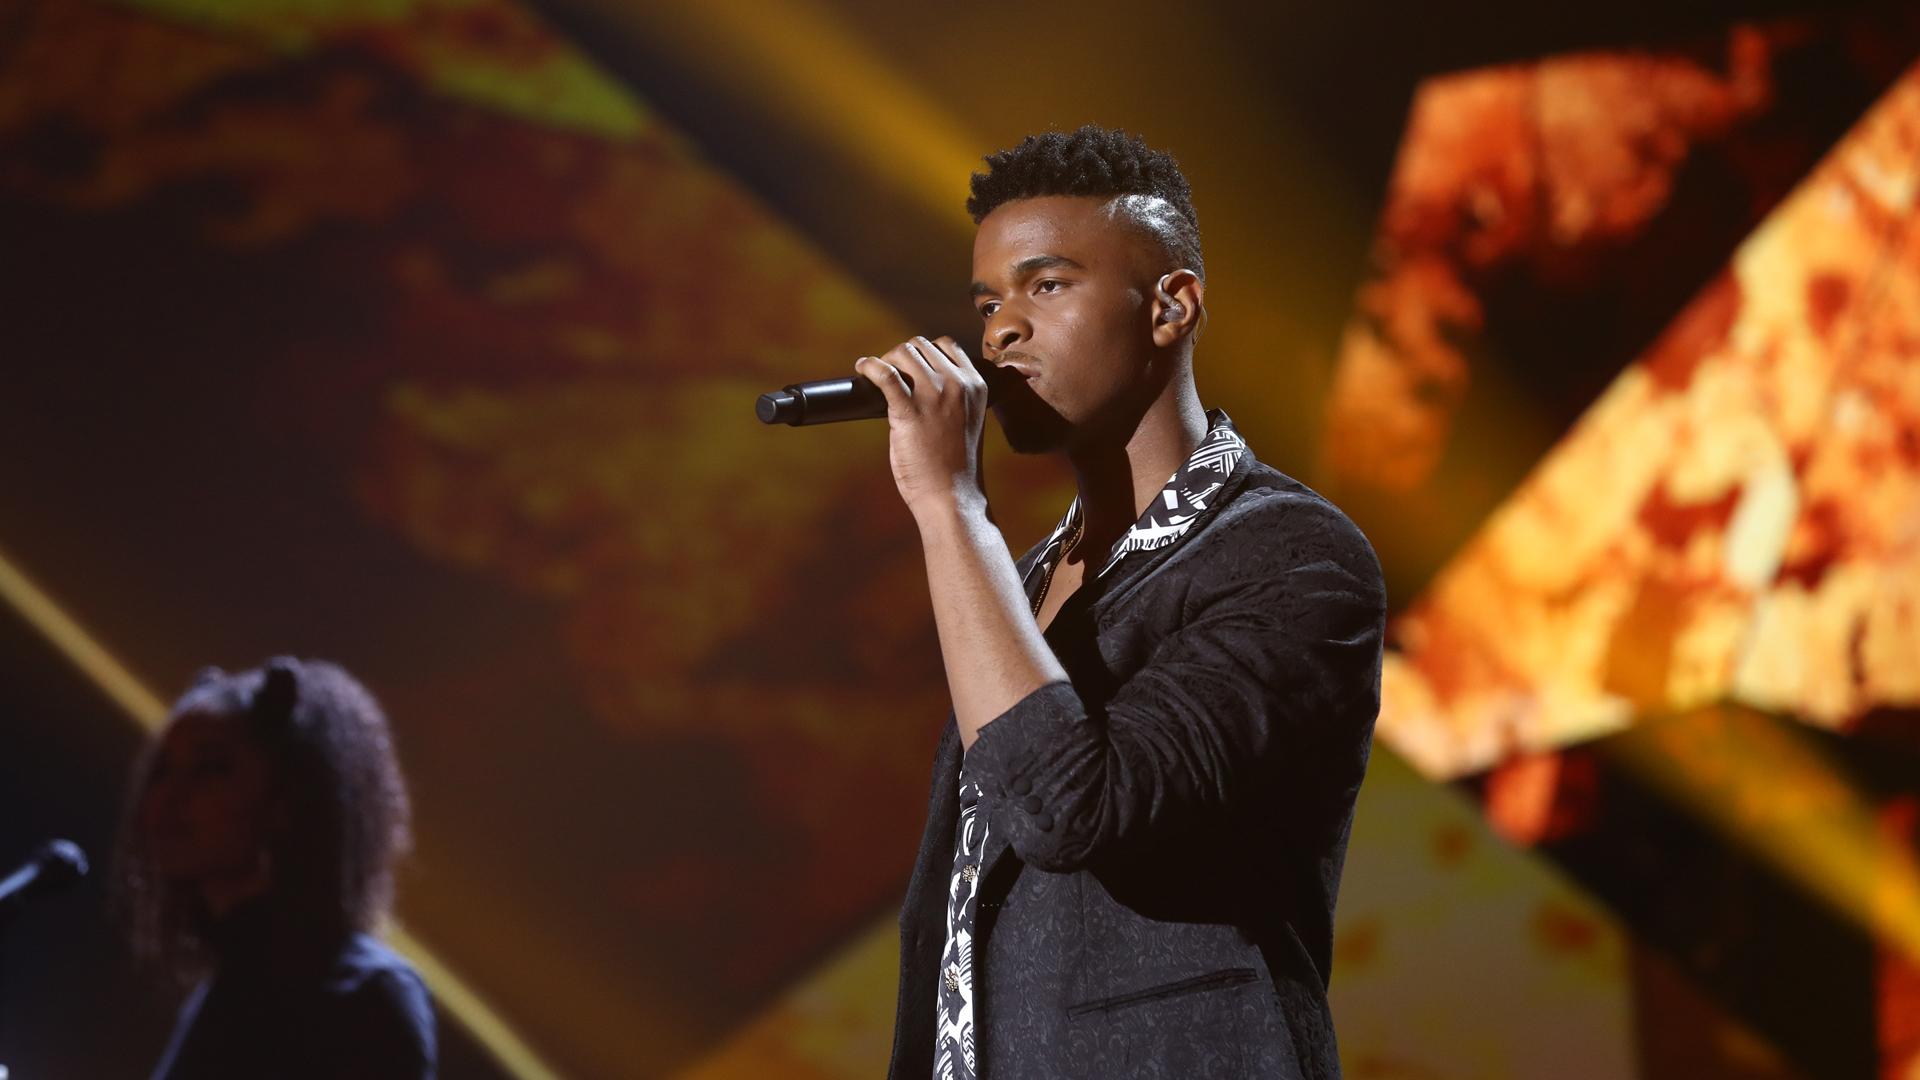 """Eurovisión 2019 - Famous canta """"No puedo más"""" en la Gala OT Eurovisión"""